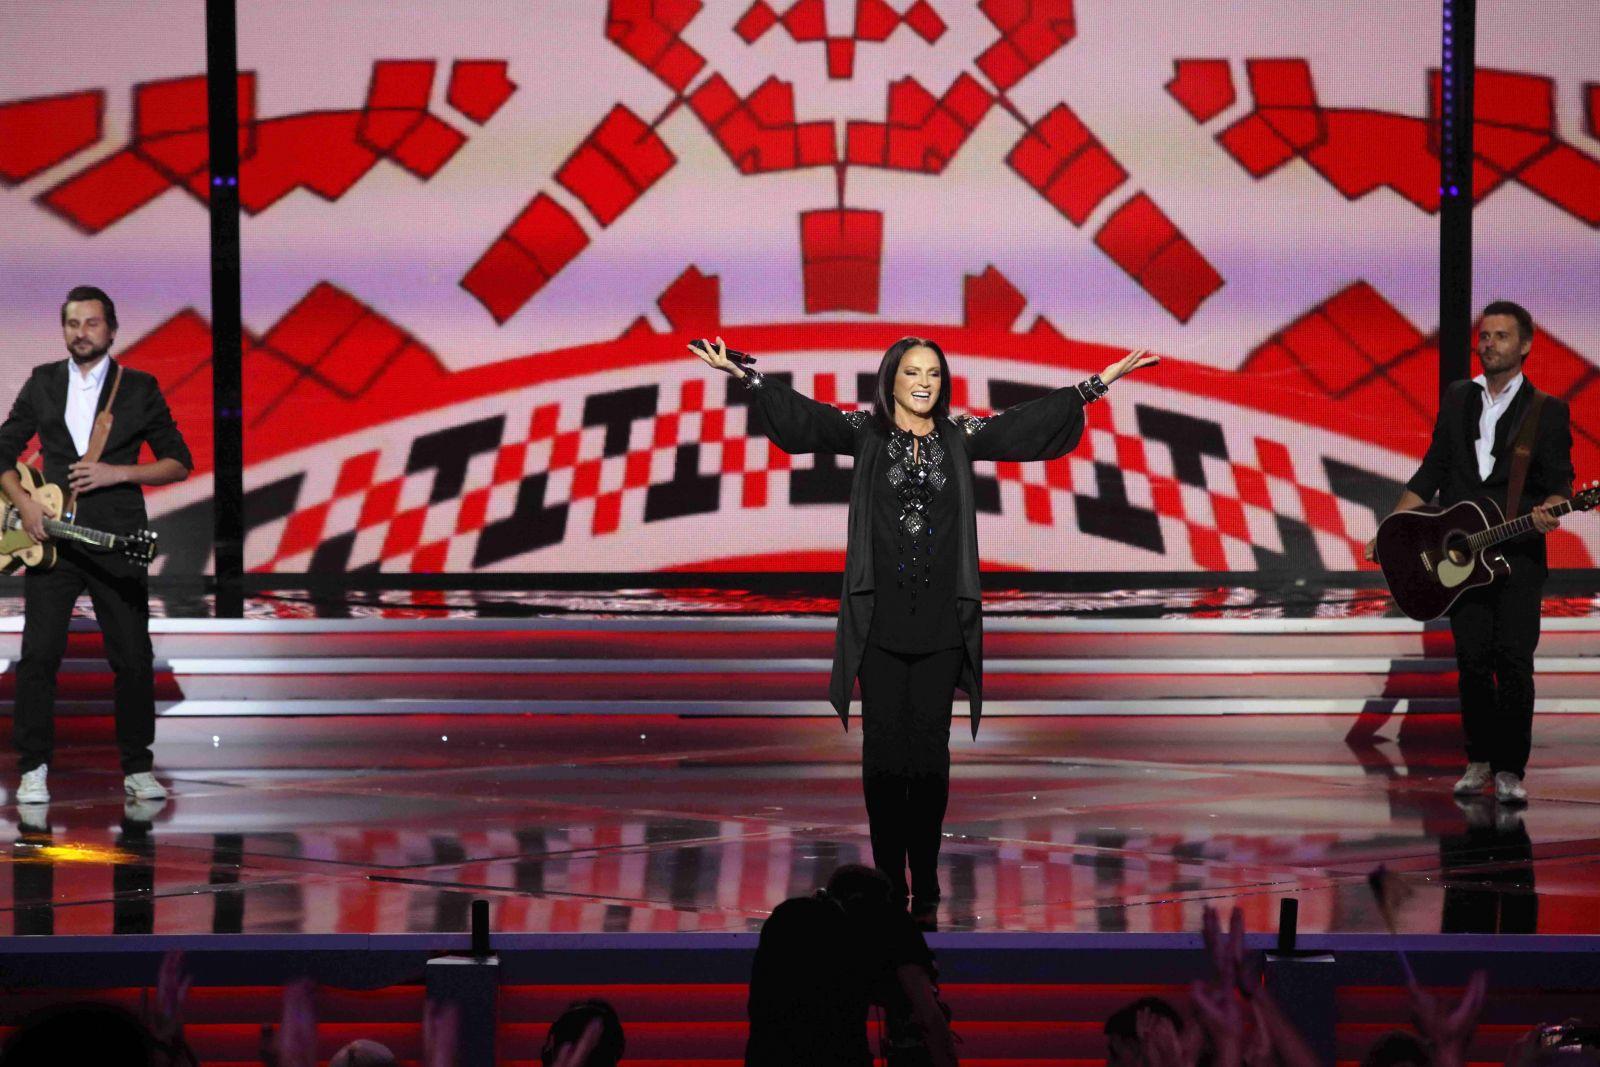 София Ротару ко Дню Независимости Украины выступила в Киеве